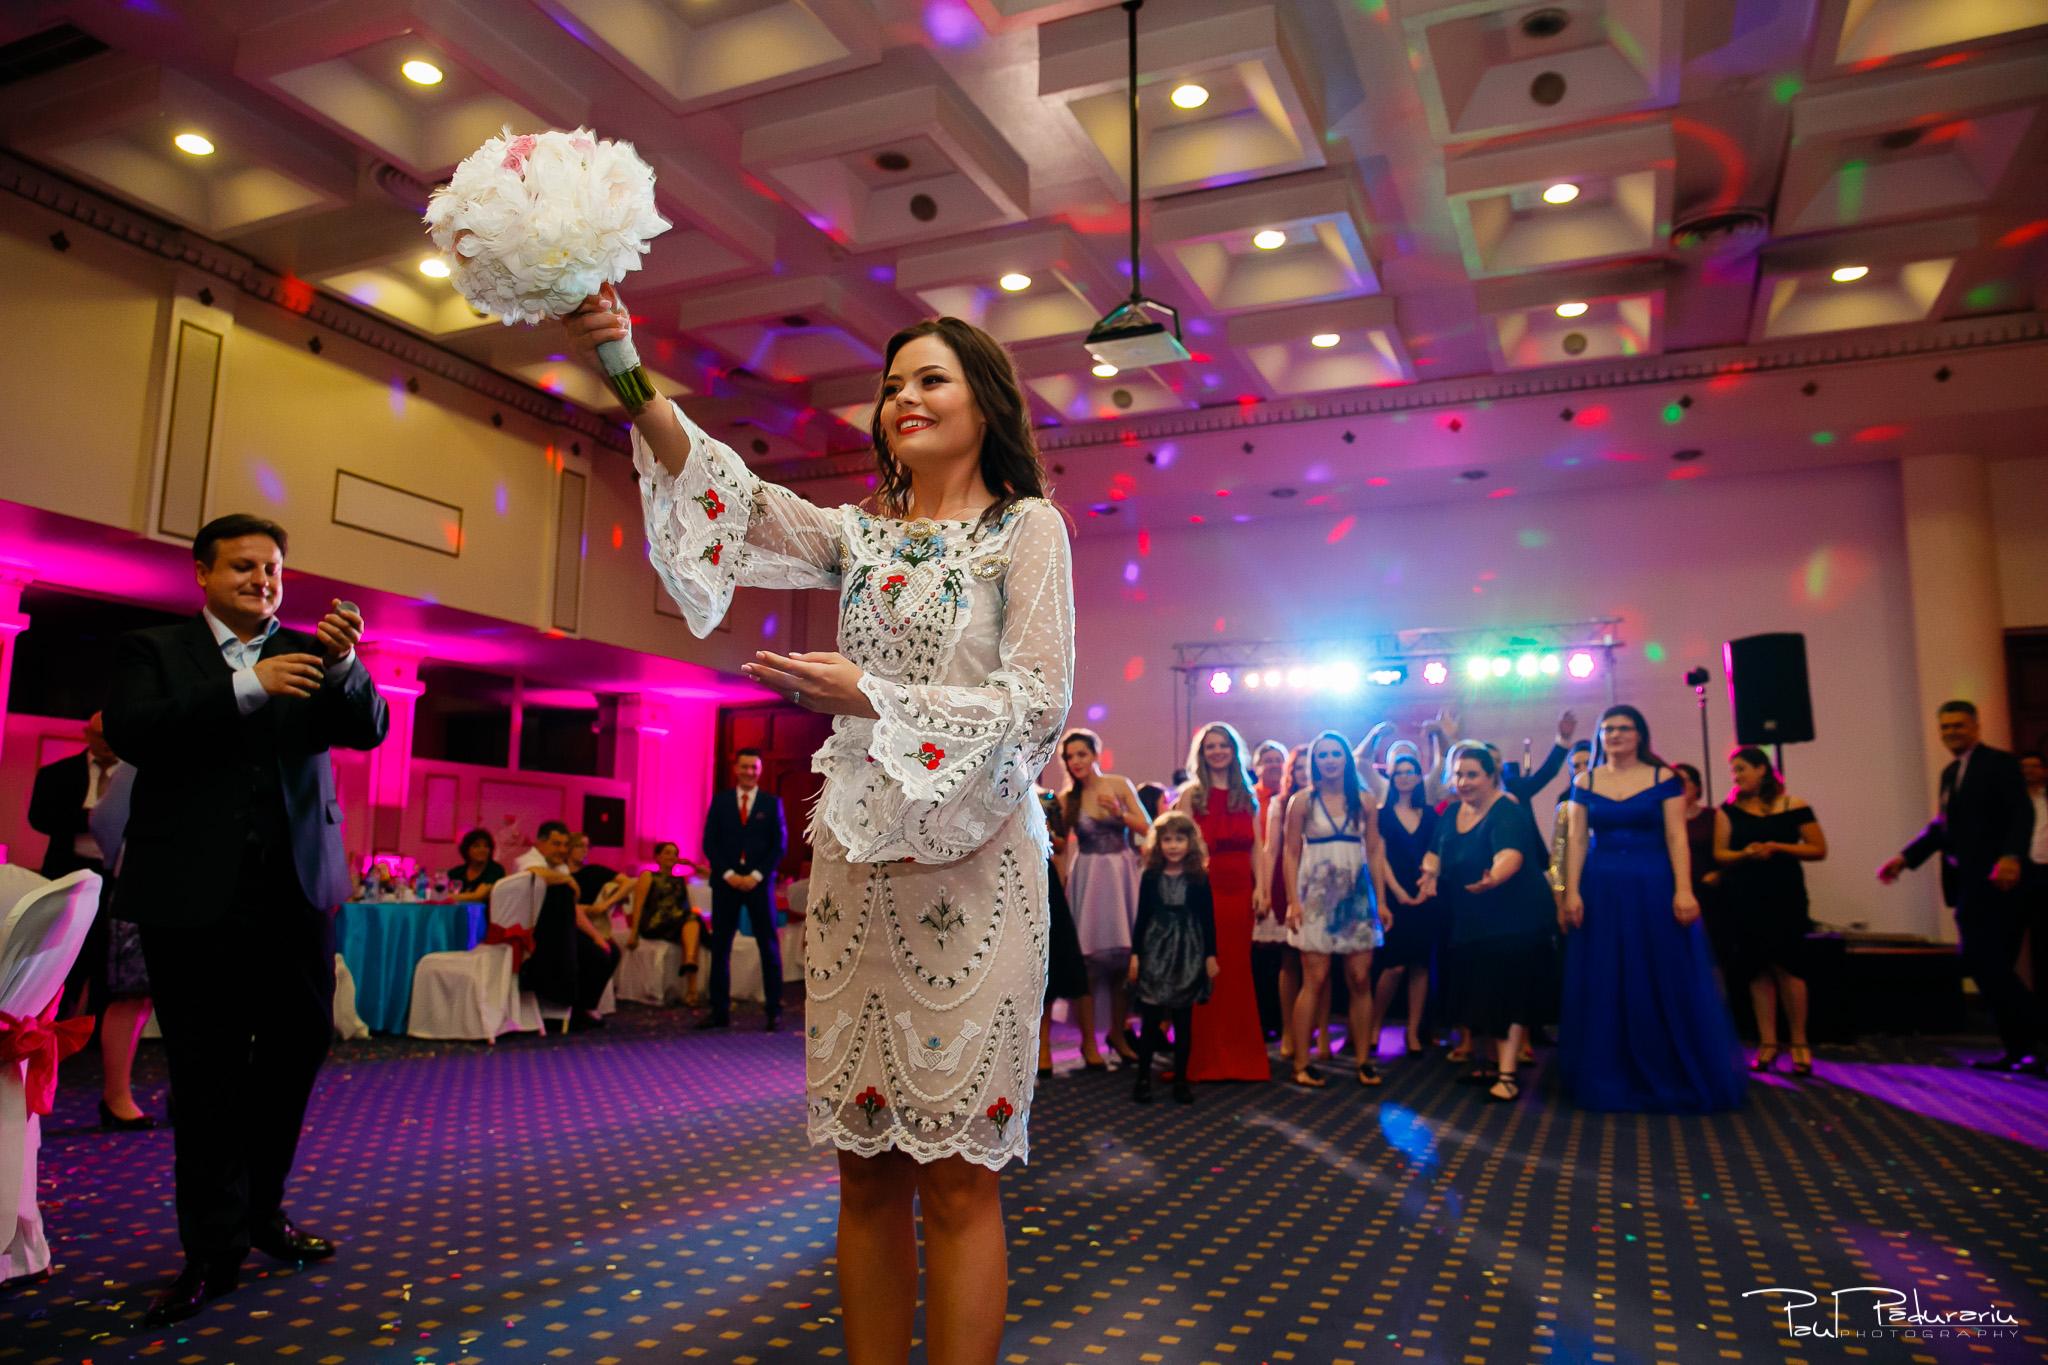 Antonia si Alin – Nunta in Iasi – restaurant Traian www.paulpadurariu.ro © 2018 Paul Padurariu fotograf profesionist nunta Iasi aruncat buchetul